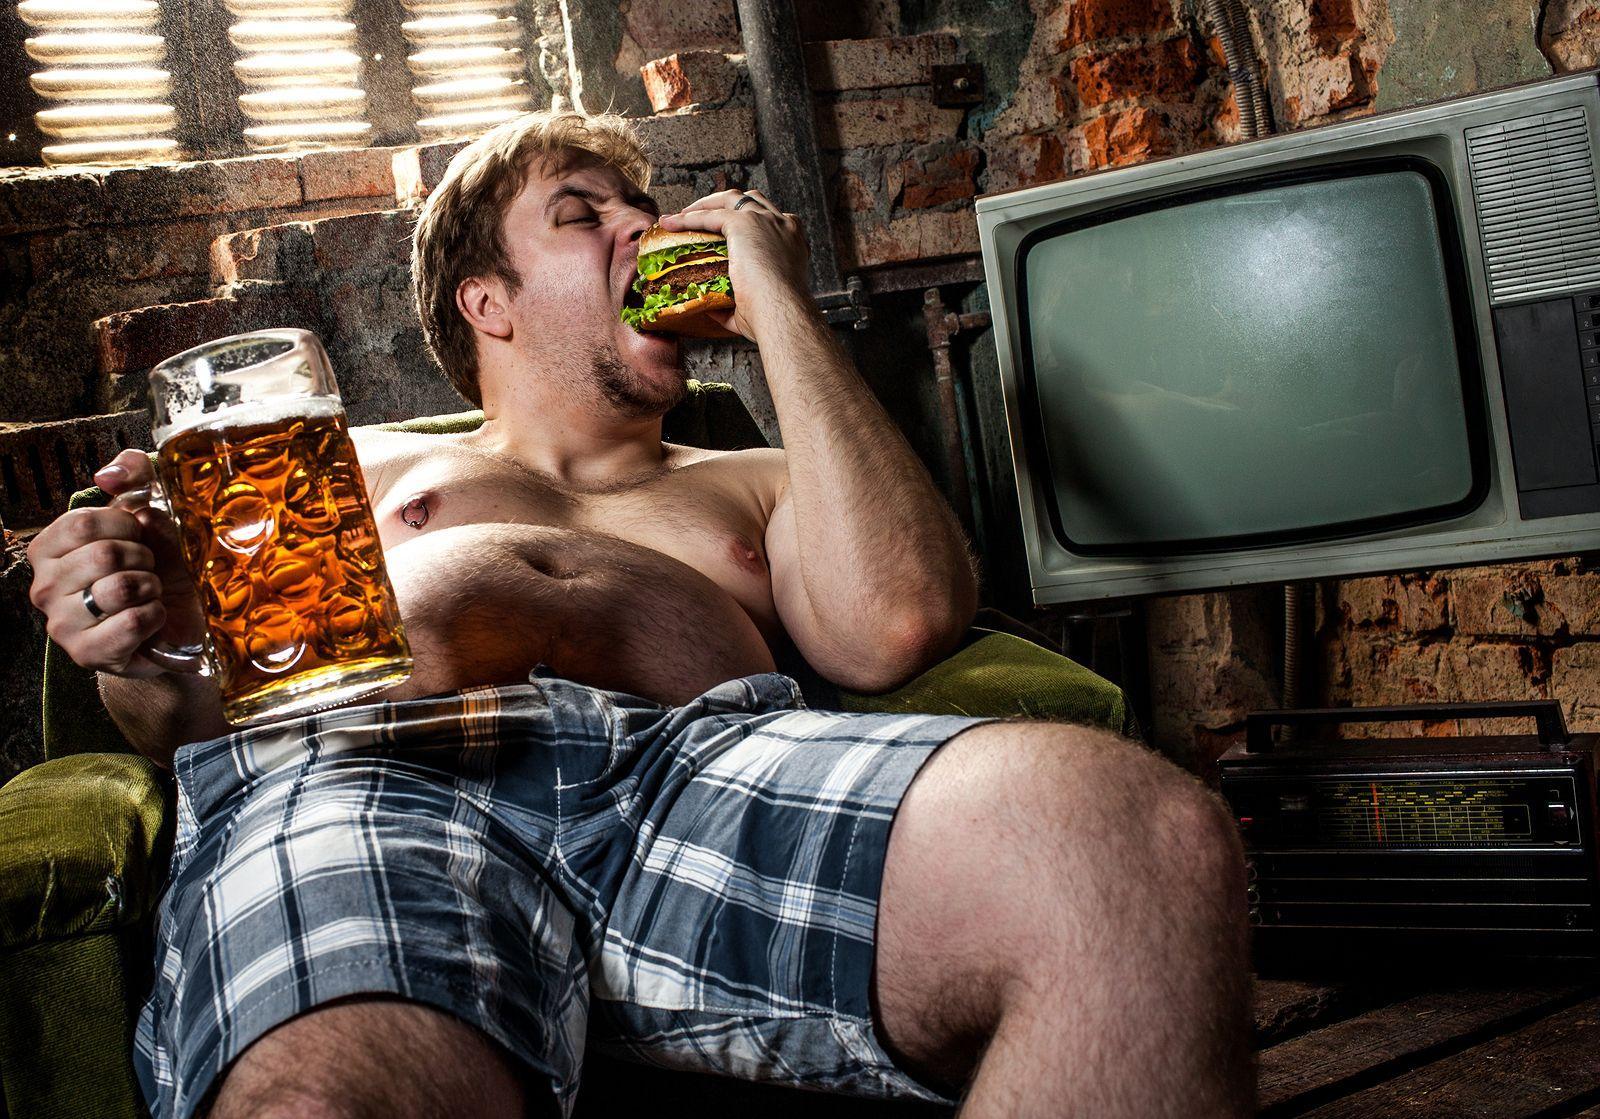 россияне стали мало пить, но начали быстро толстеть